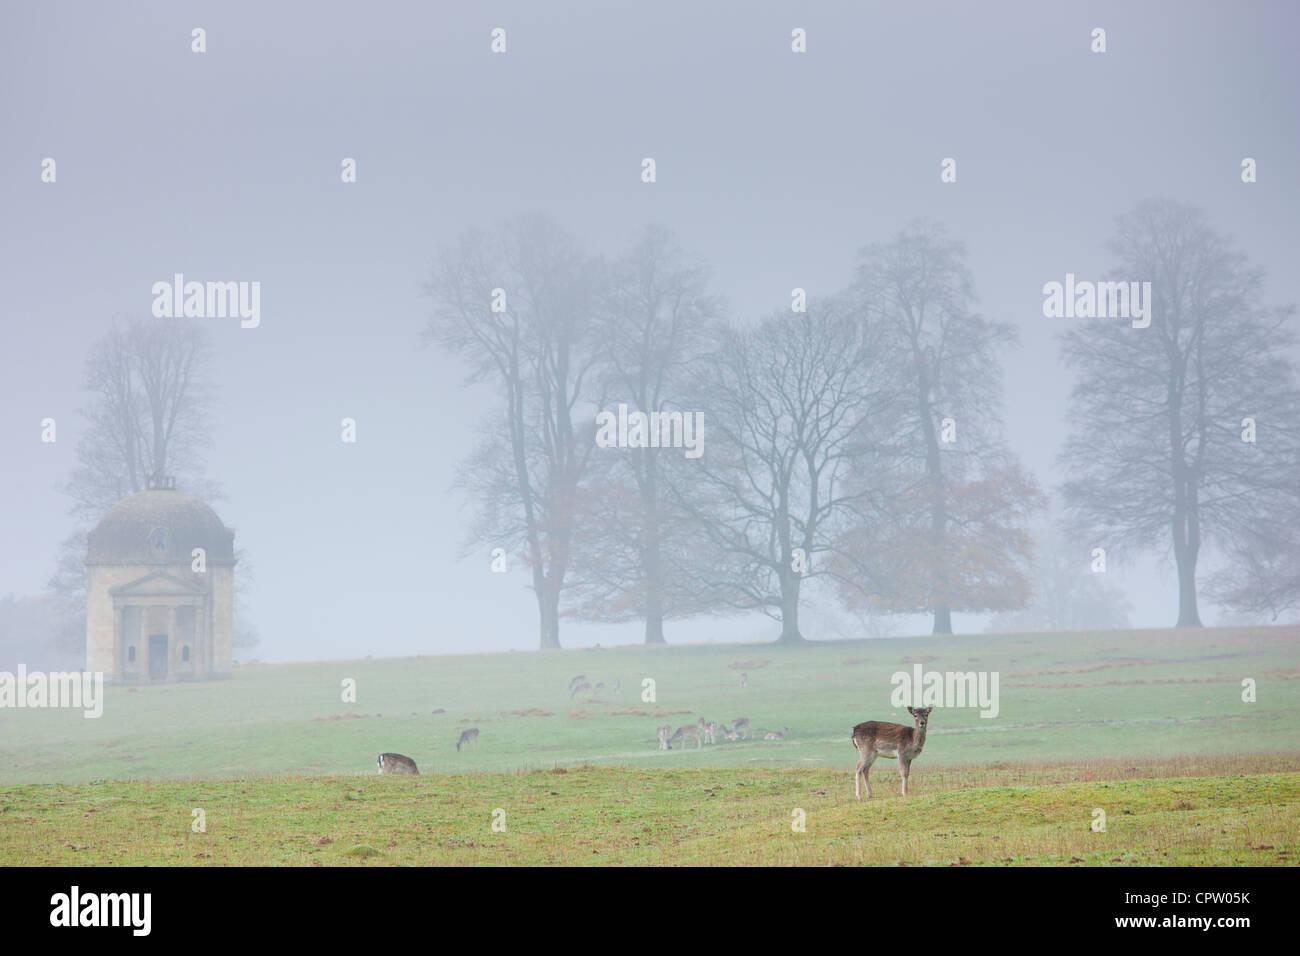 Chevreuil dans misty scène à Barrington Park près de Burford dans les Cotswolds, Oxfordshire, UK Banque D'Images